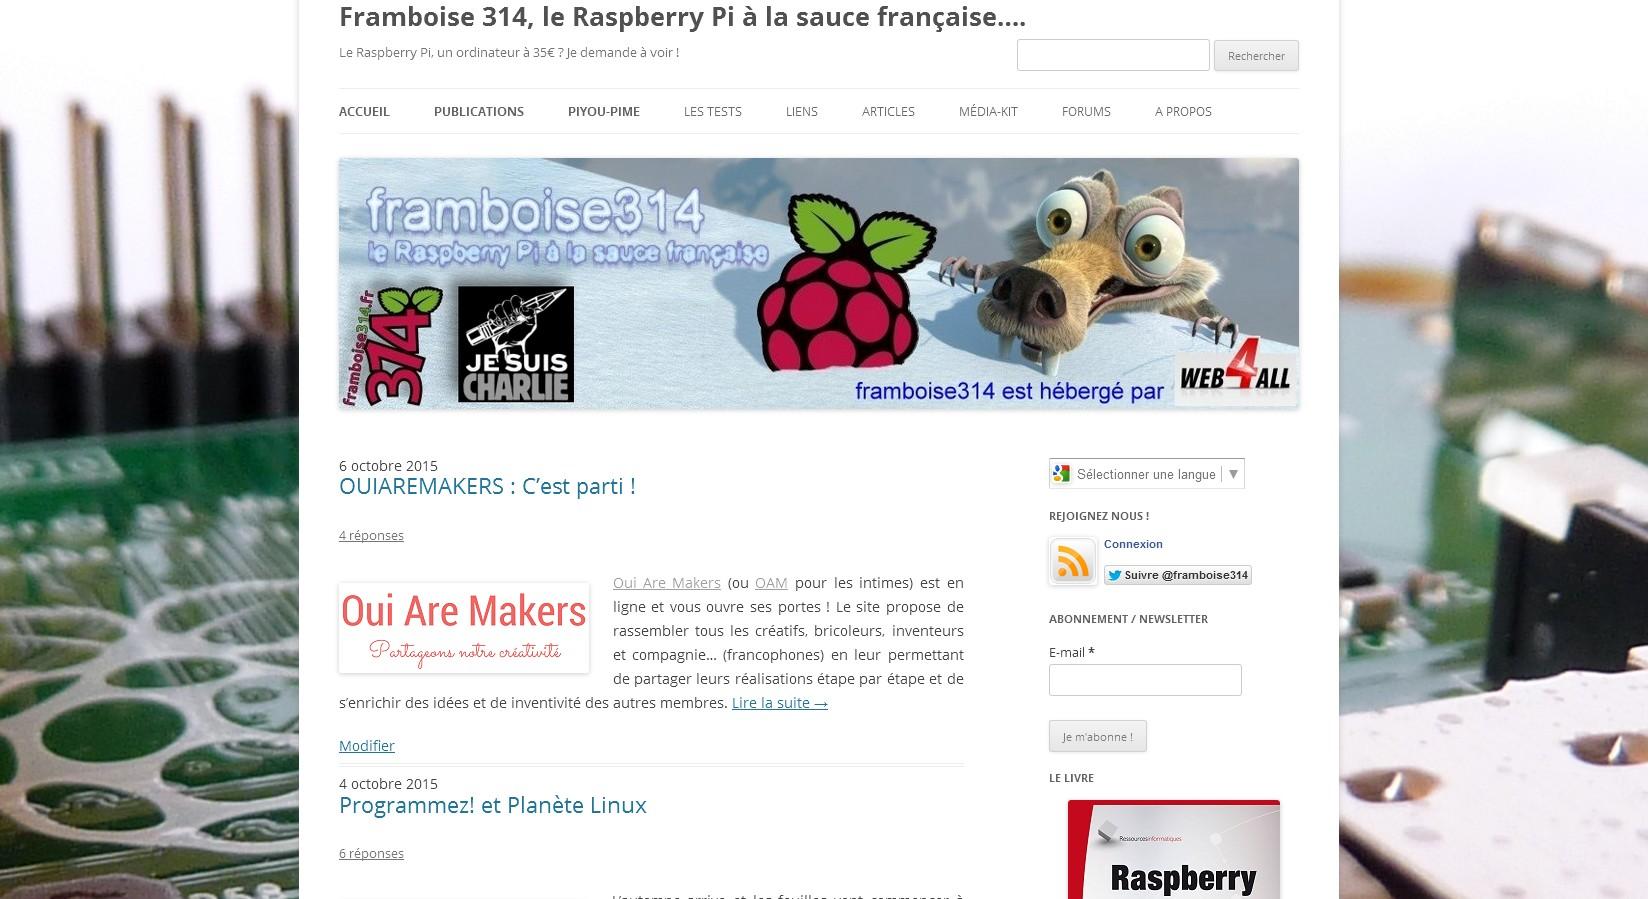 Copie d'écran framboise314.fr - 8 octobre 2015